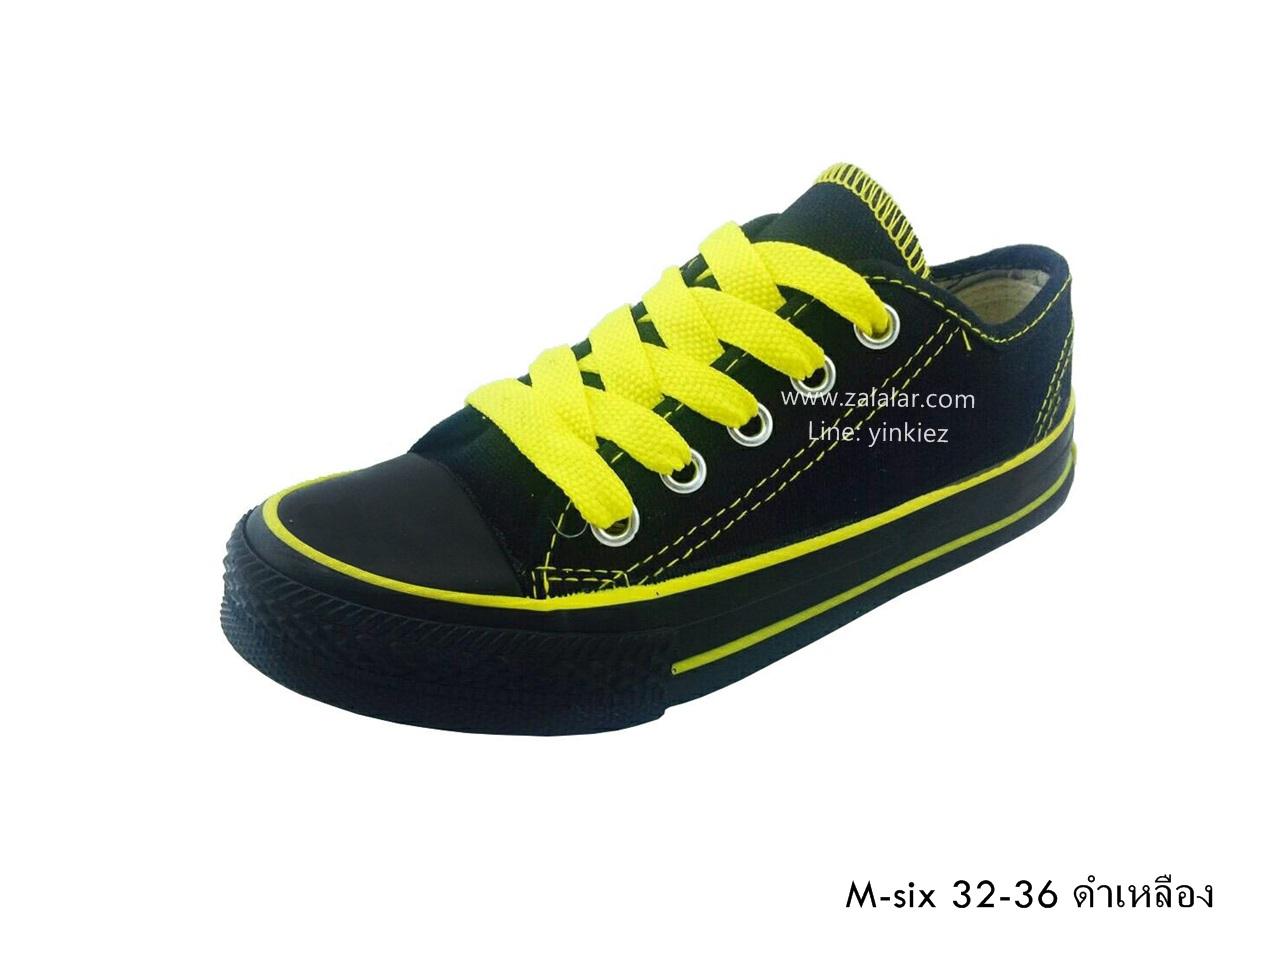 [พร้อมส่ง] รองเท้าผ้าใบเด็กแฟชั่น รุ่น M-six สีดำเหลือง